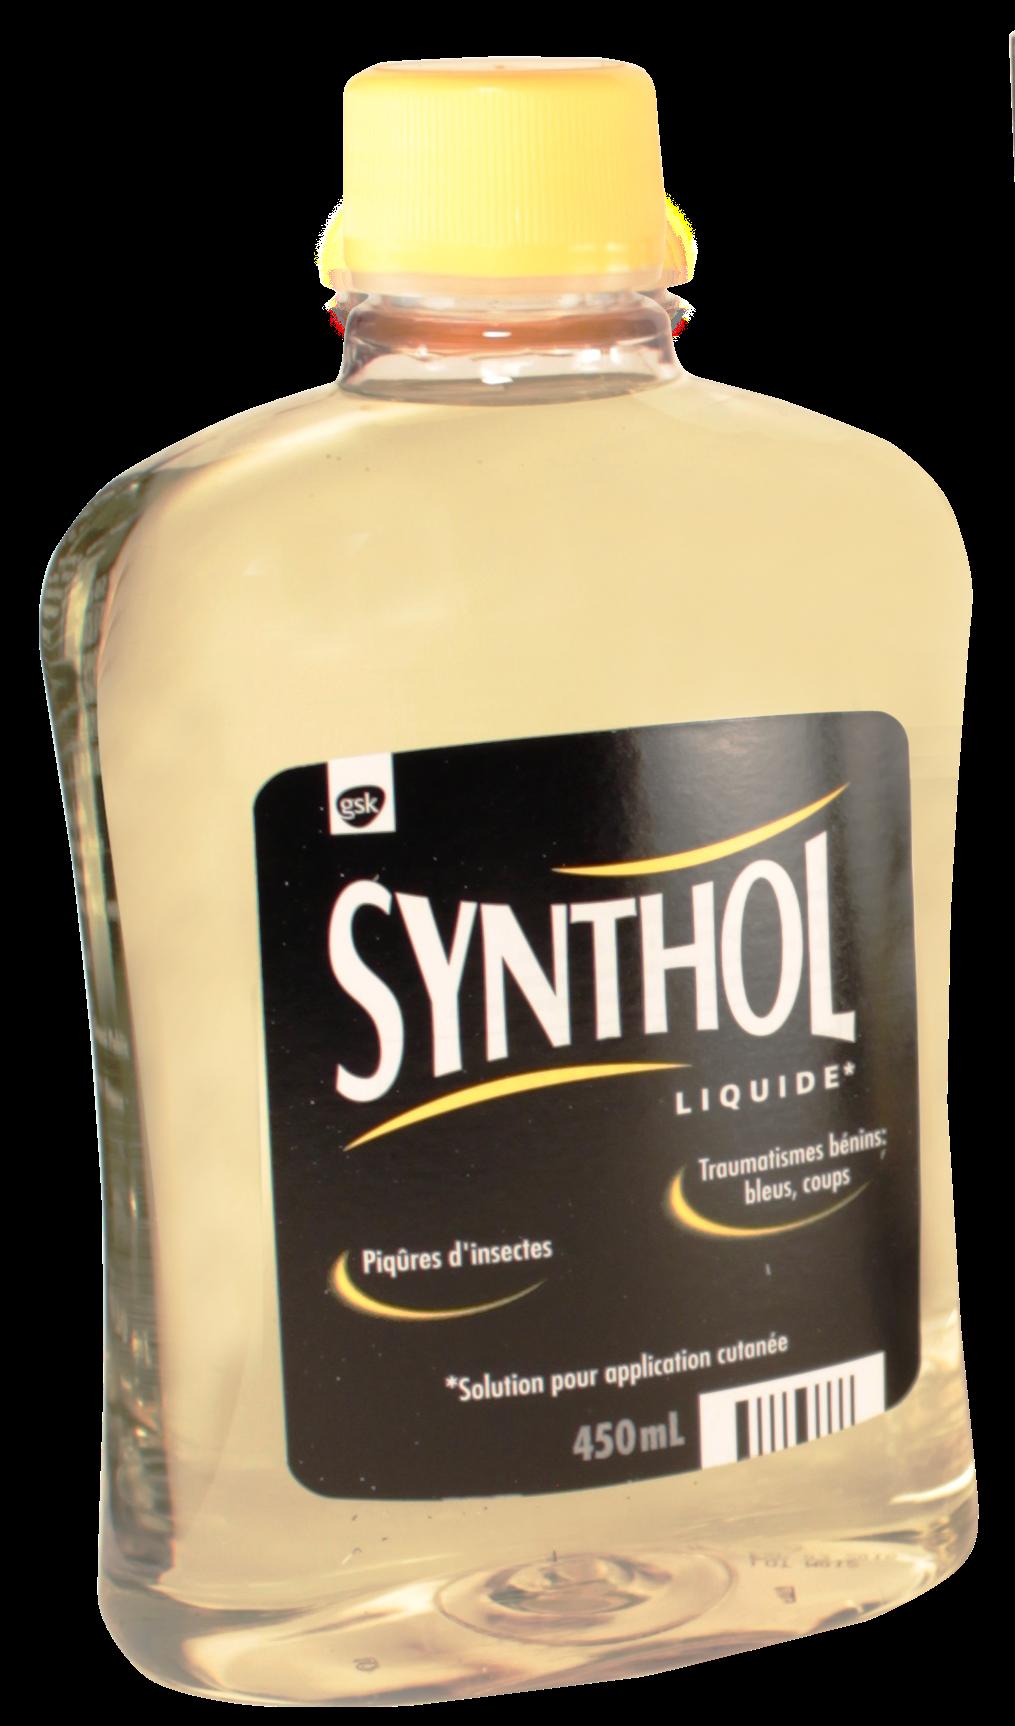 Acheter du Synthol sur la pharmacie en ligne